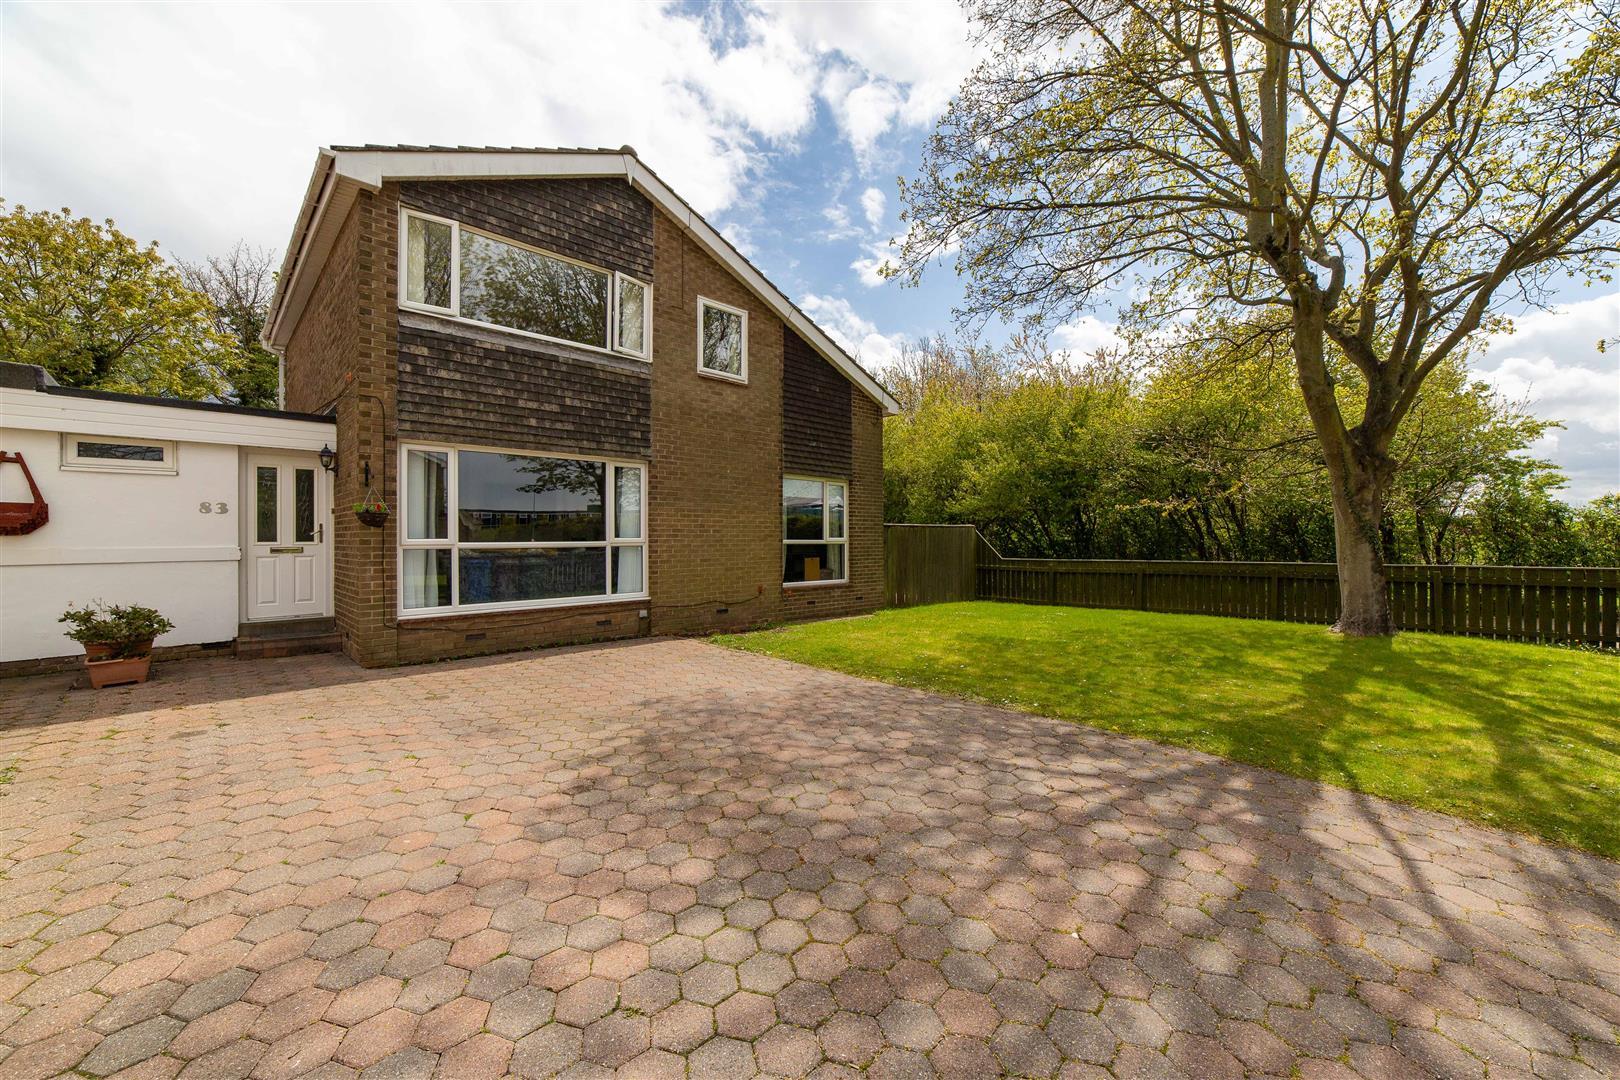 5 bed link detached house for sale in Highburn, Cramlington, NE23